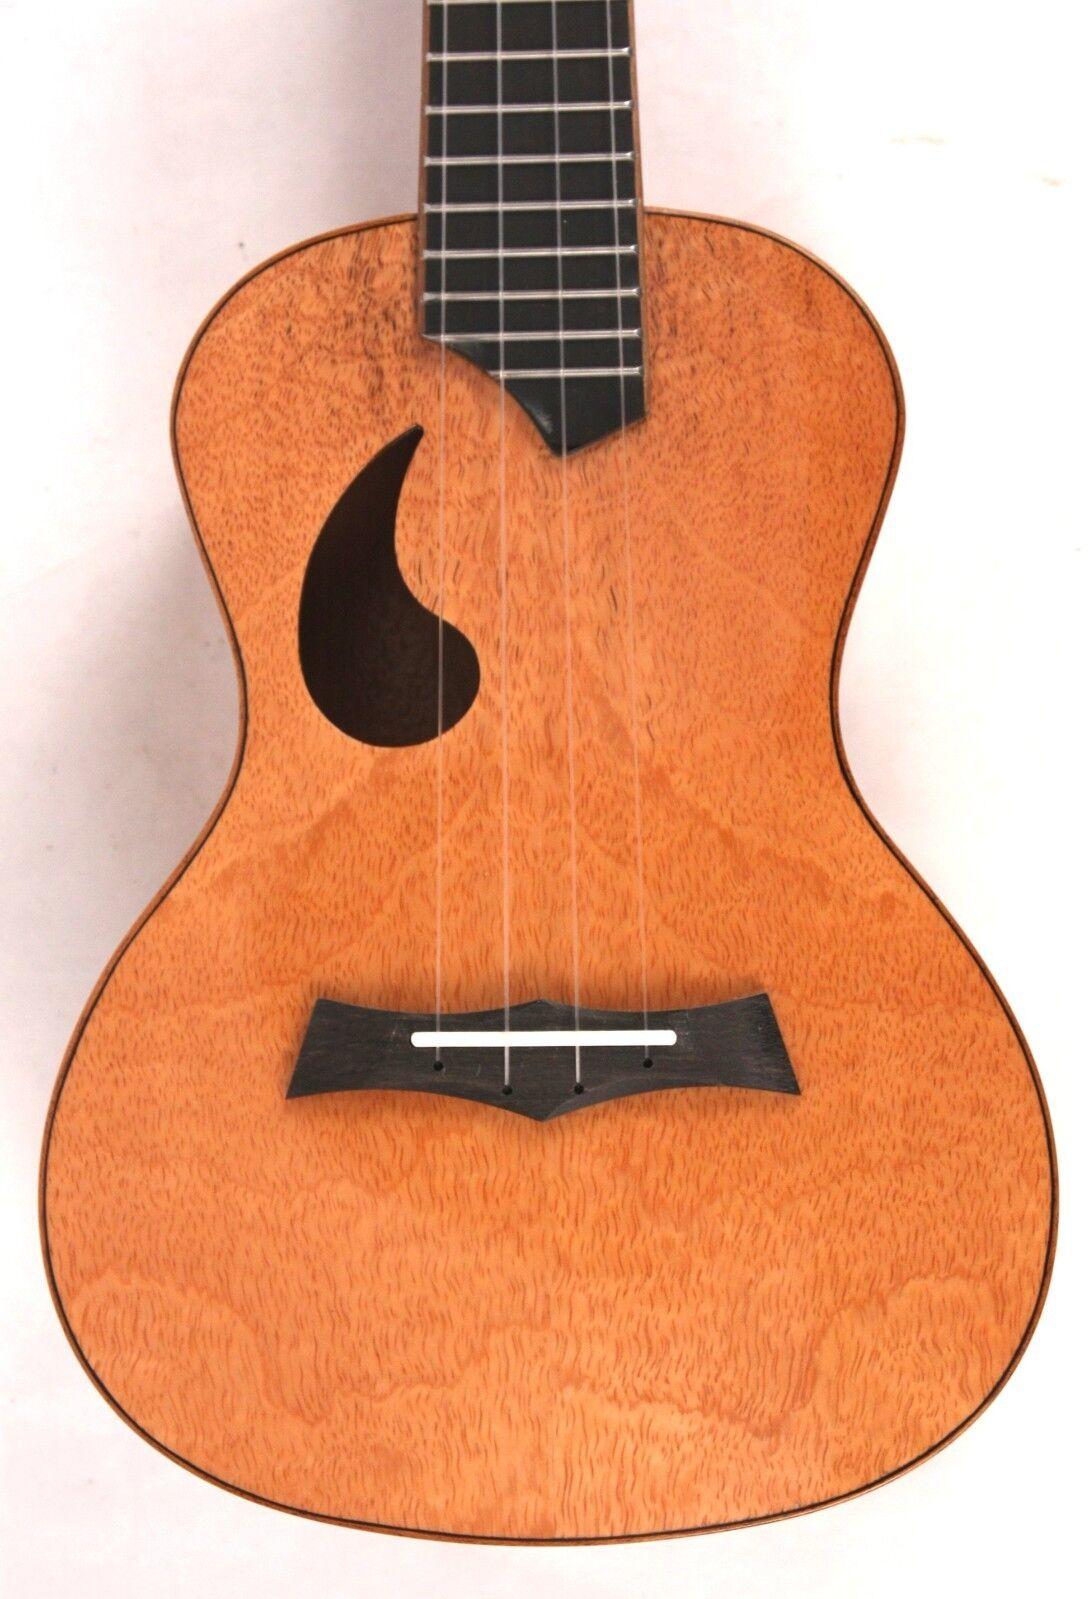 Amahi Snail Mango Acoustic Concert Ukulele Uke NEW w/ Padded Gig Bag